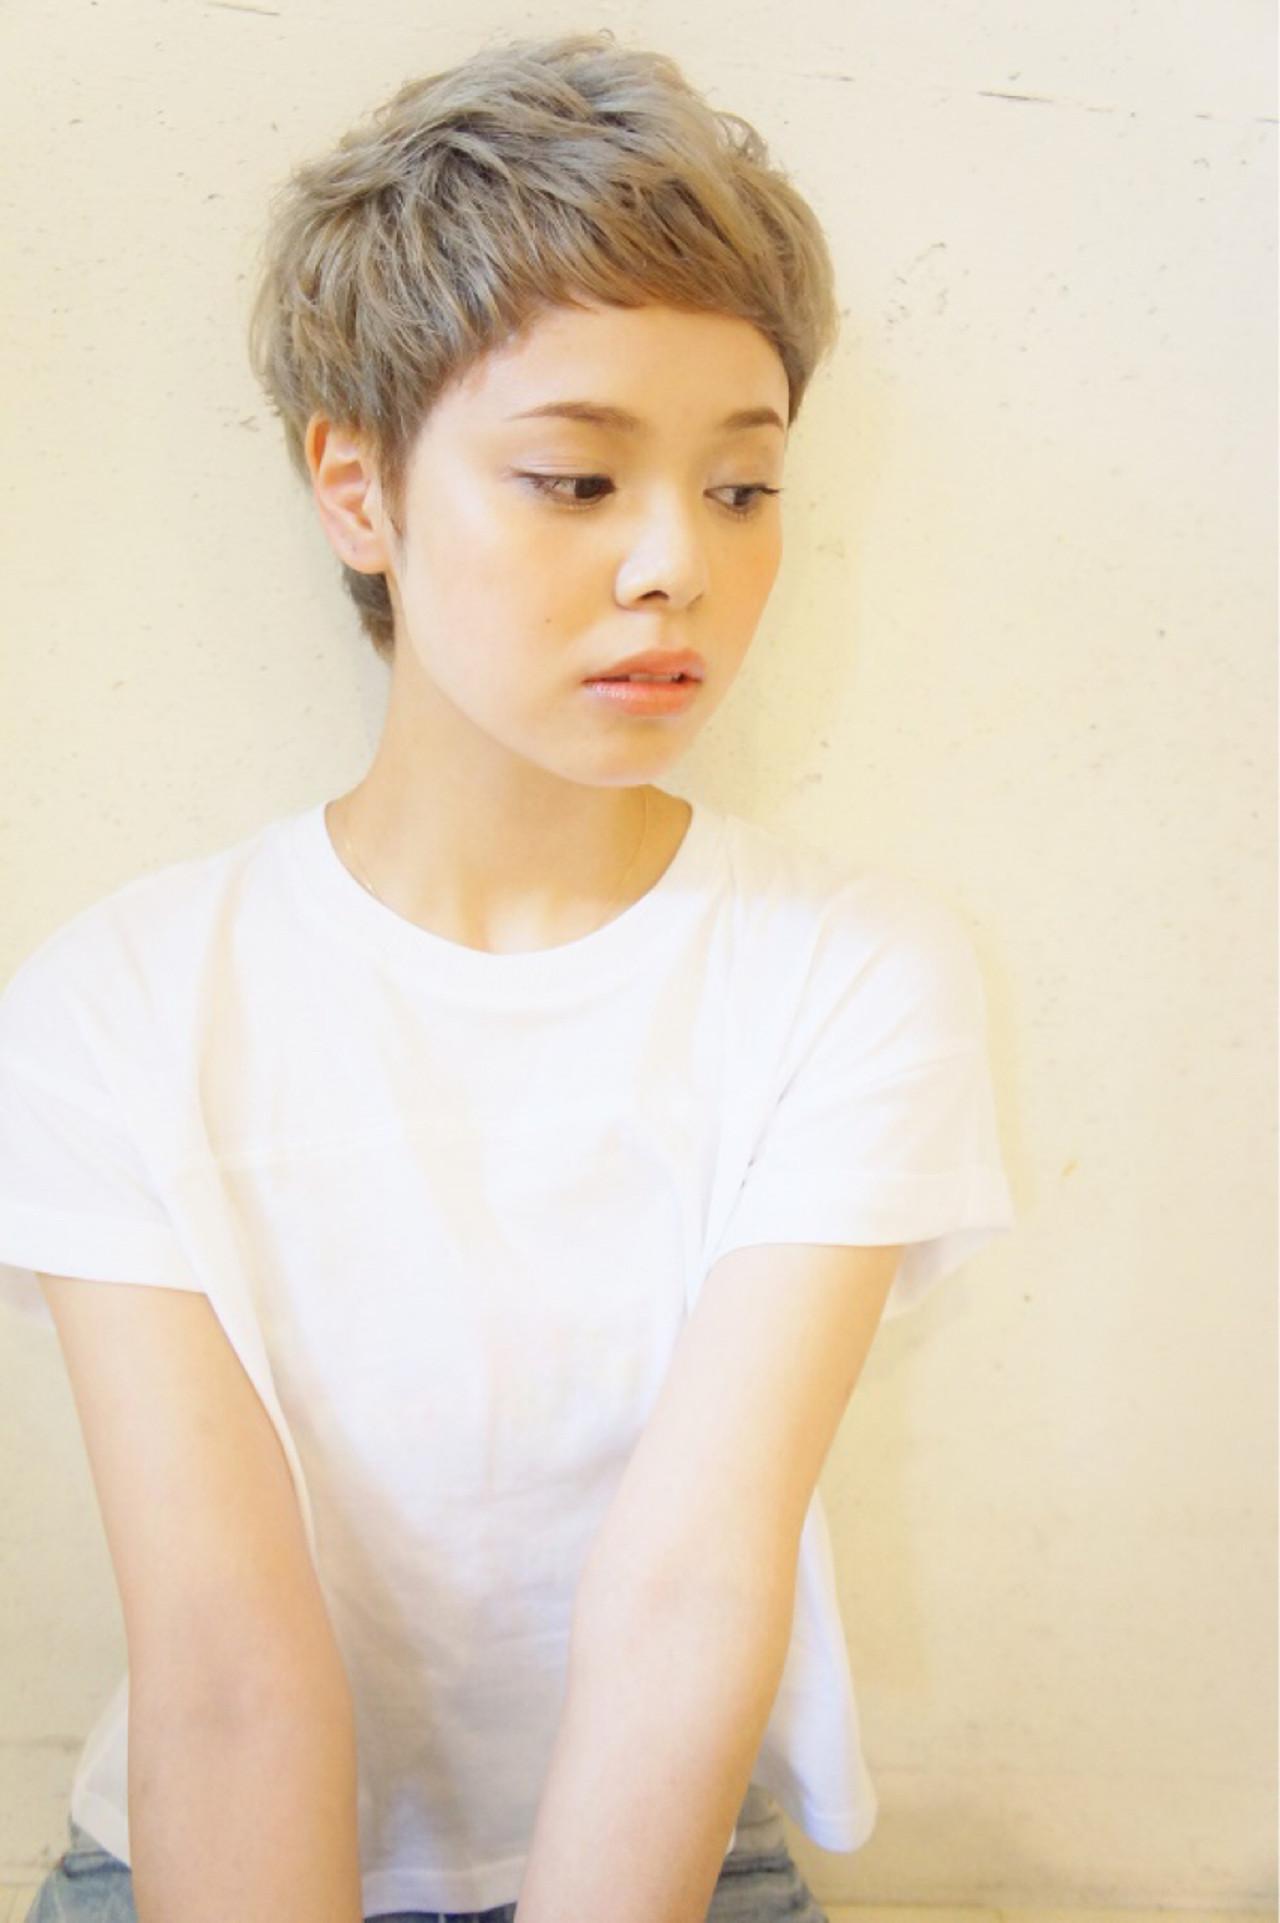 今年の秋冬はいい女に♡「アッシュグレー」で作る上品ヘア 伊藤郷平